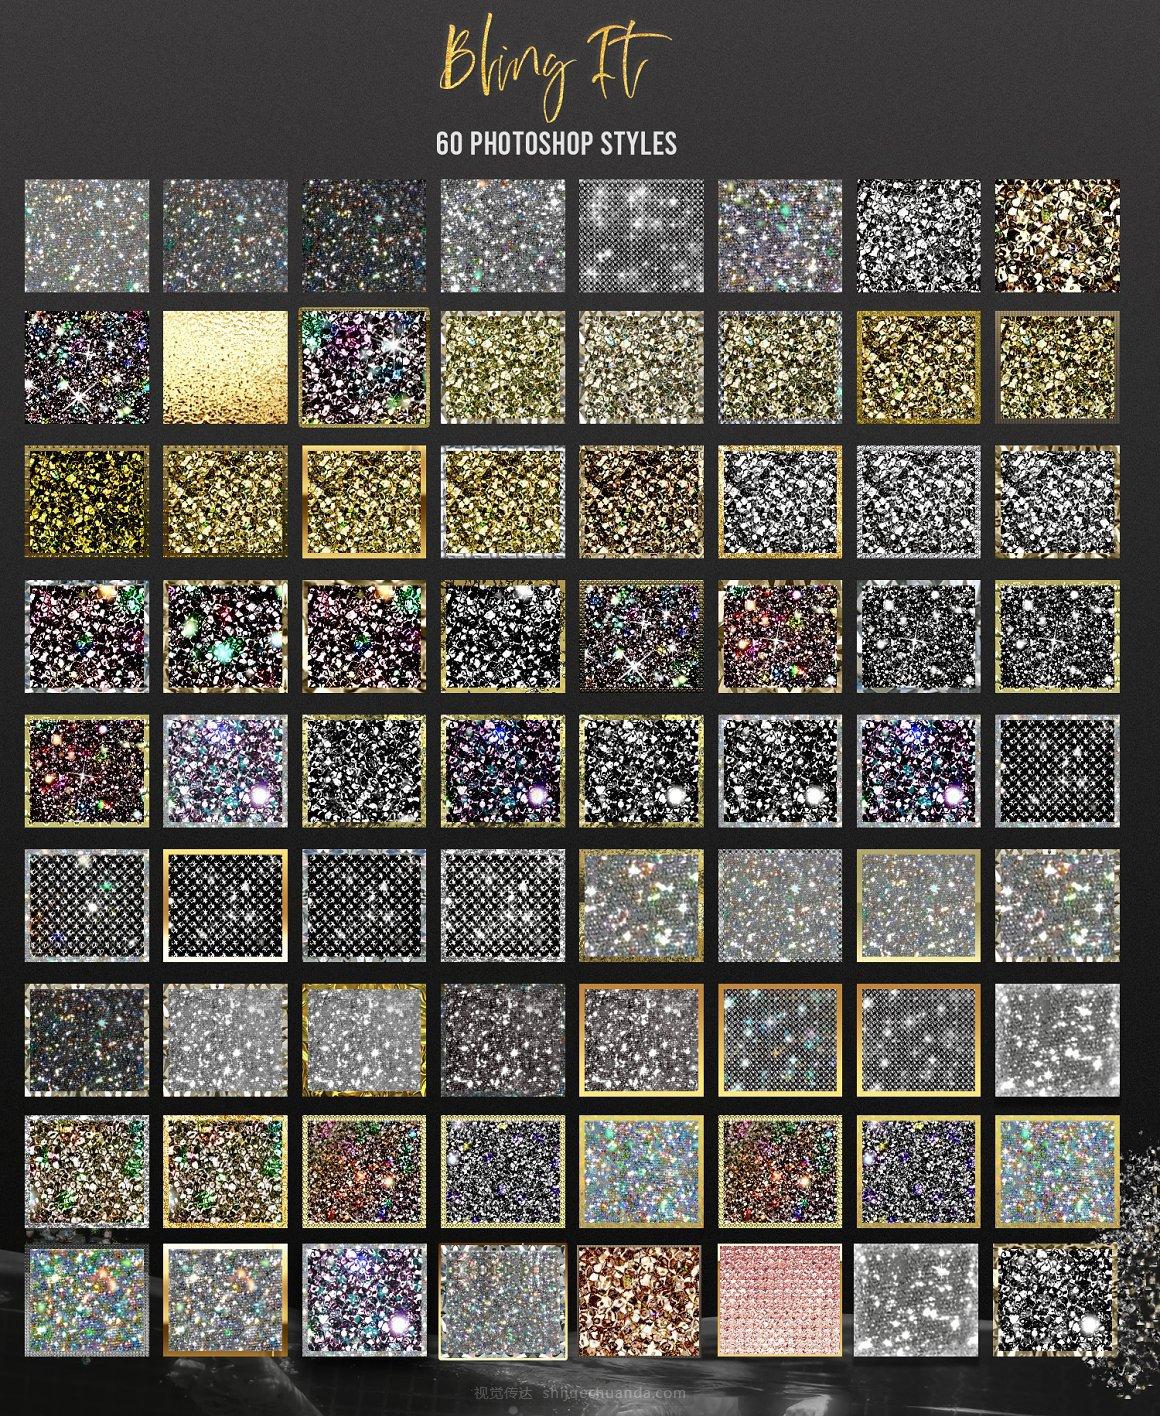 钻石手工水晶艺术PS样式